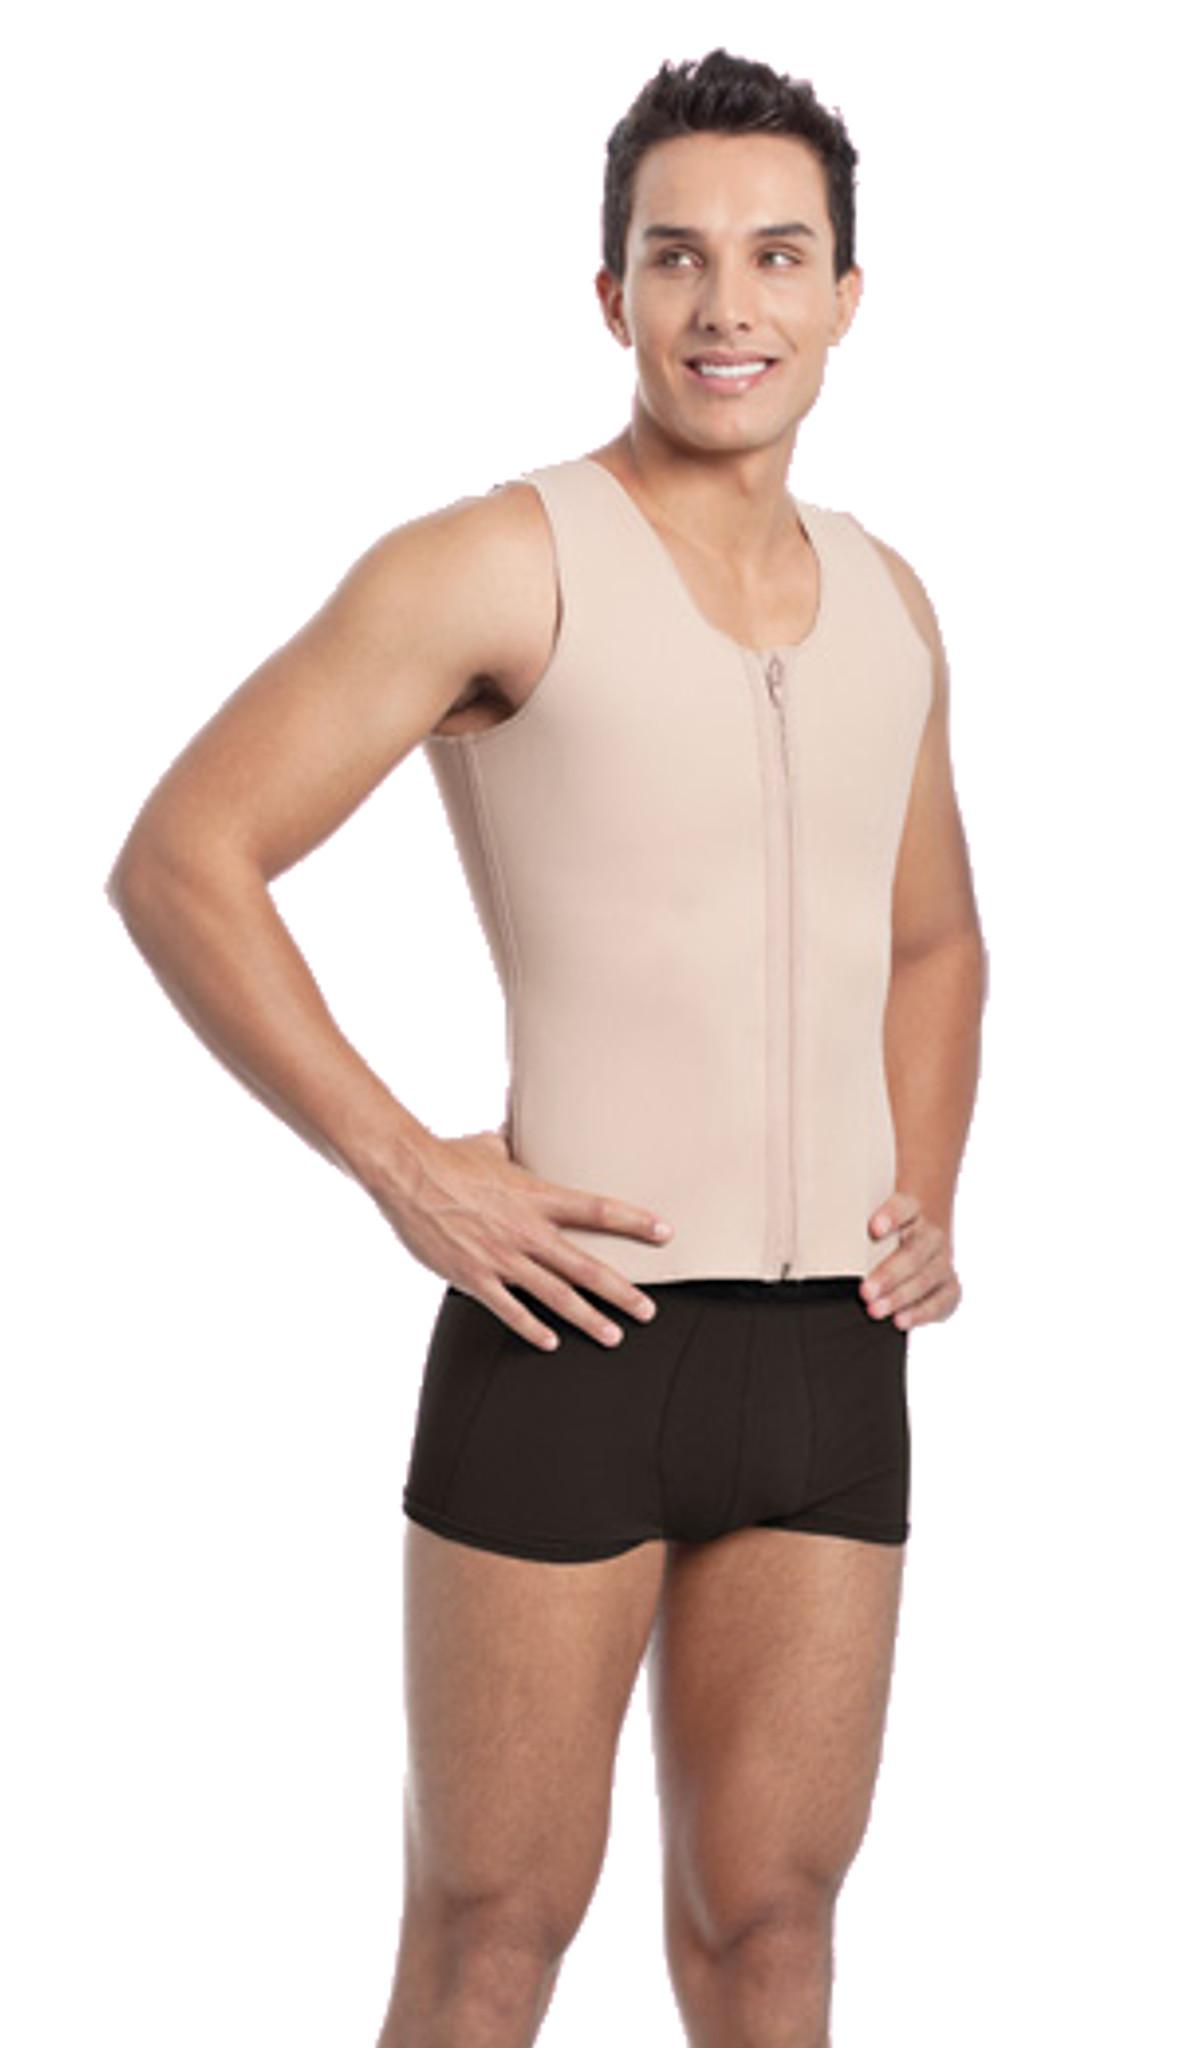 b98c7ed2c49d0 Wholesale Esbelt - ES305 Men s Slimming Vest - Wholesale Clothing UK ...